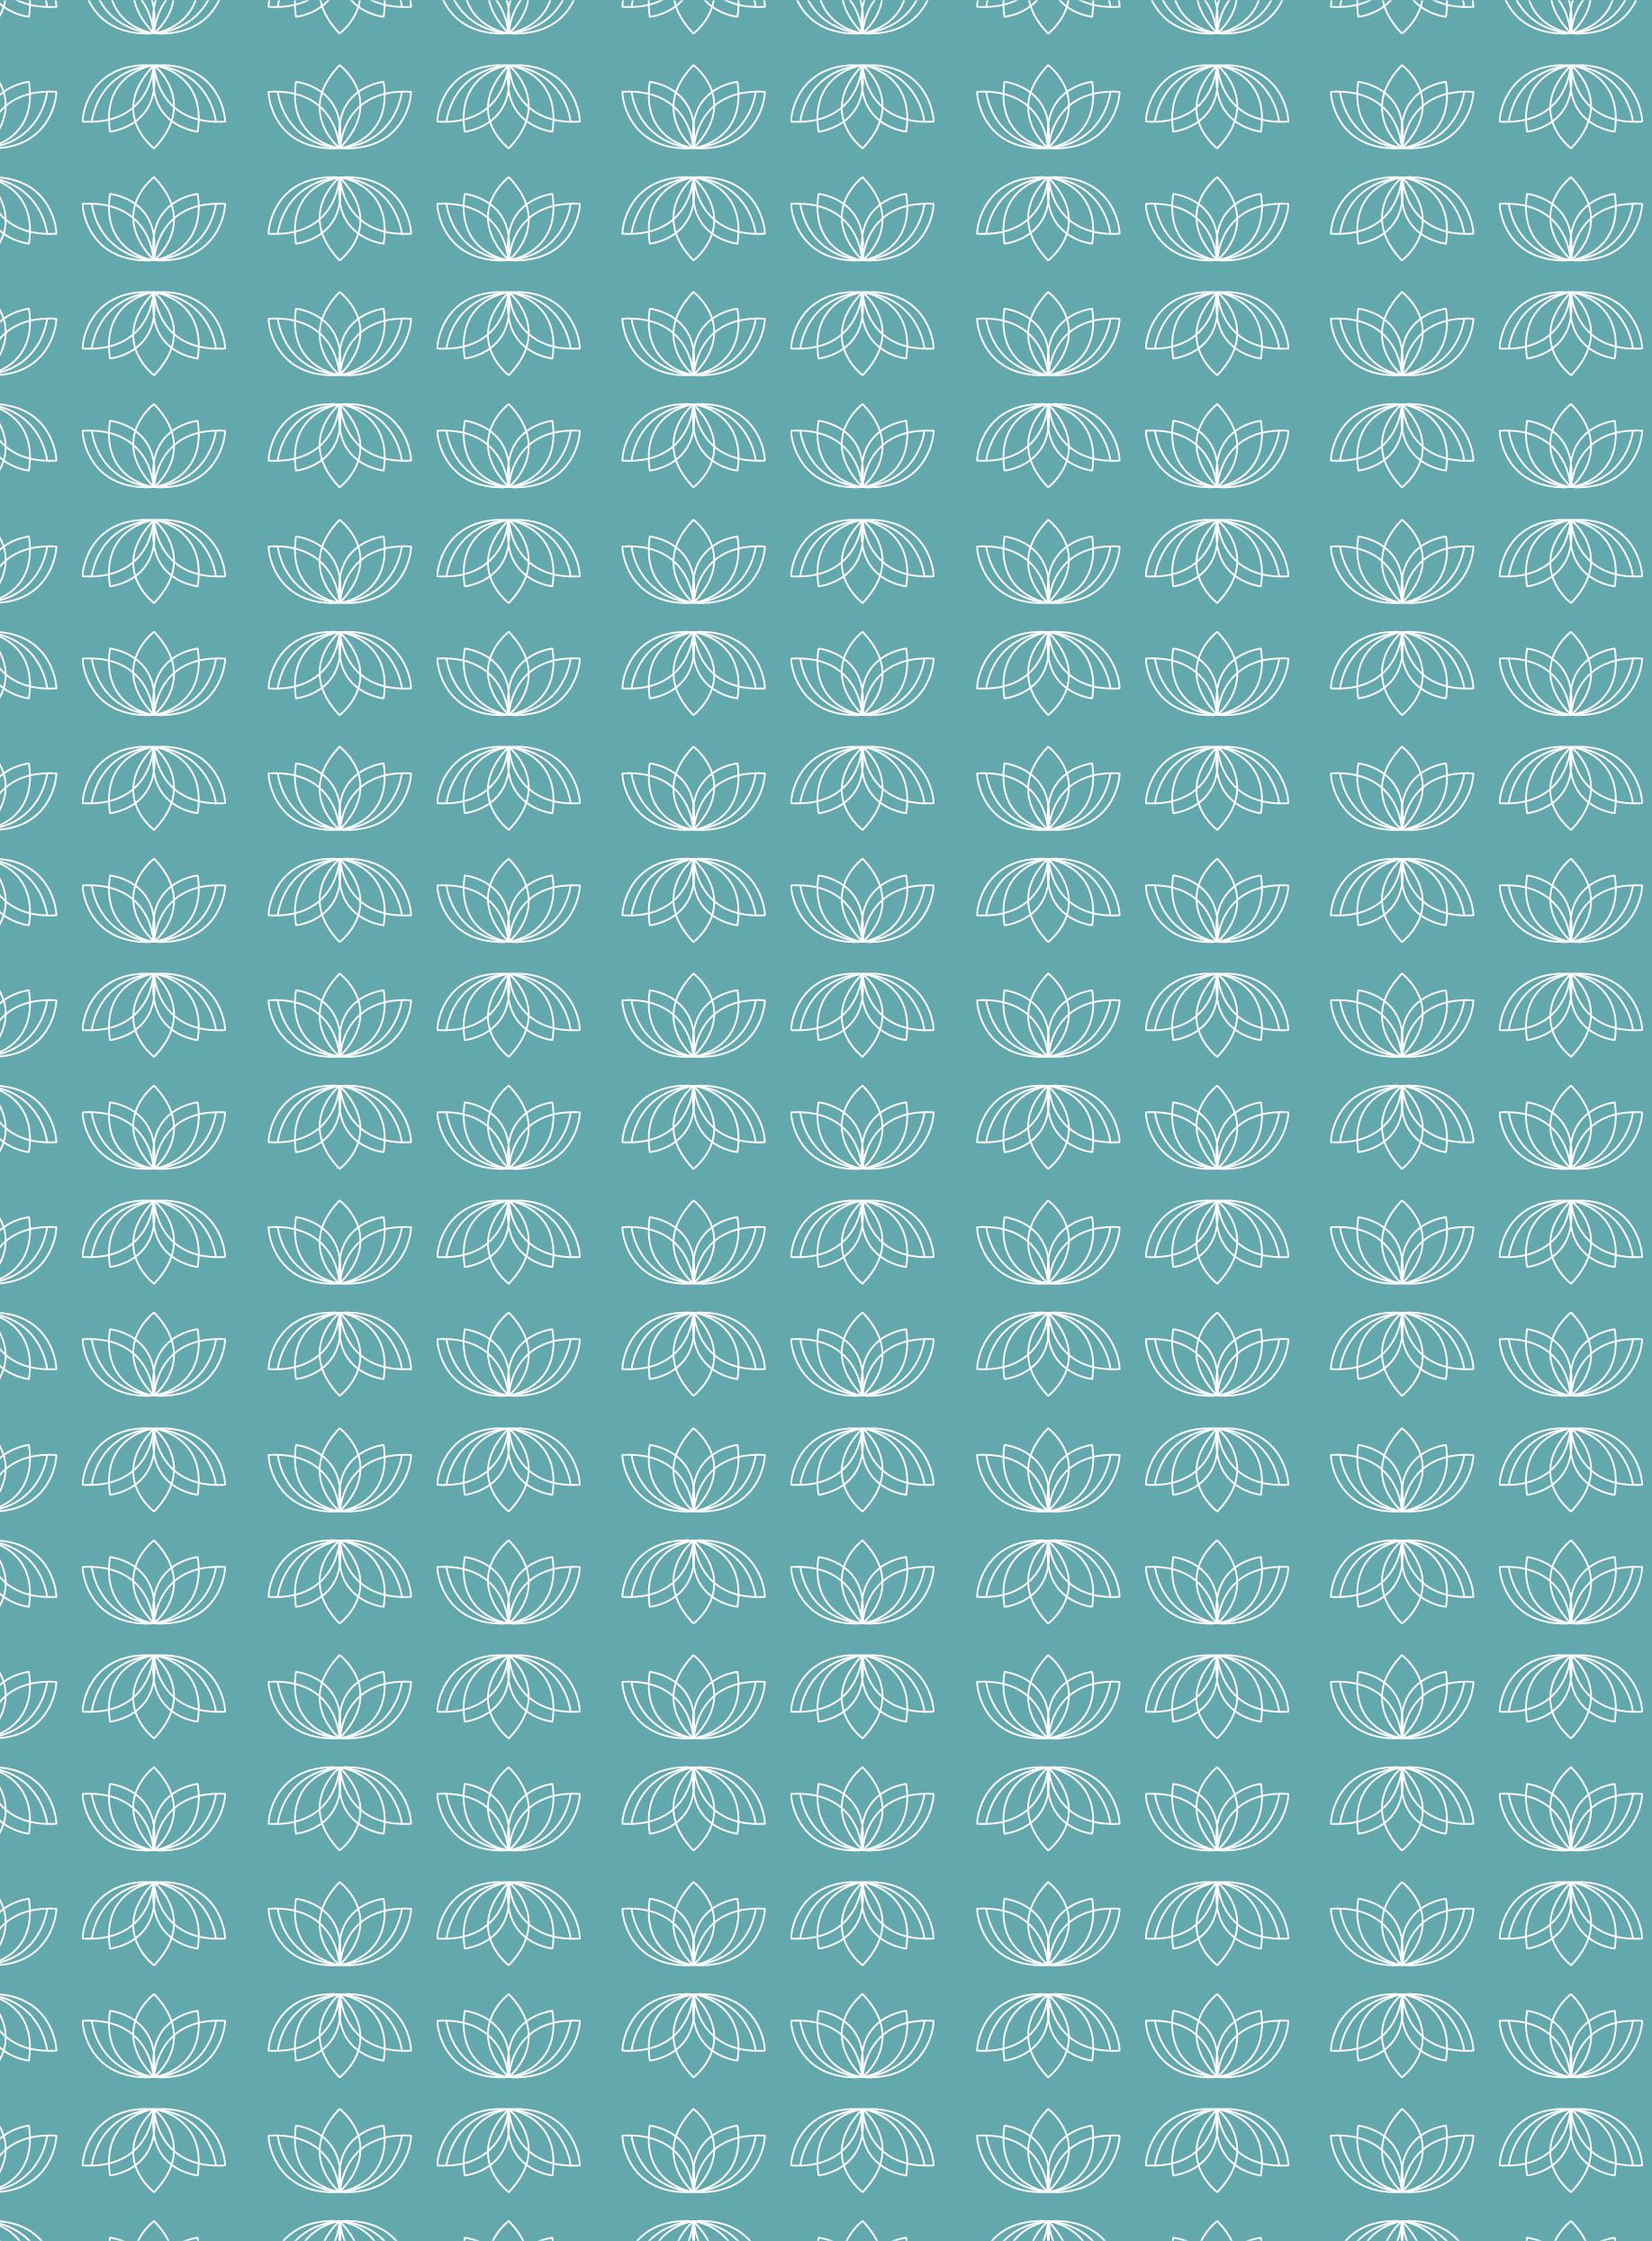 lotus-pattern-light-blue.png